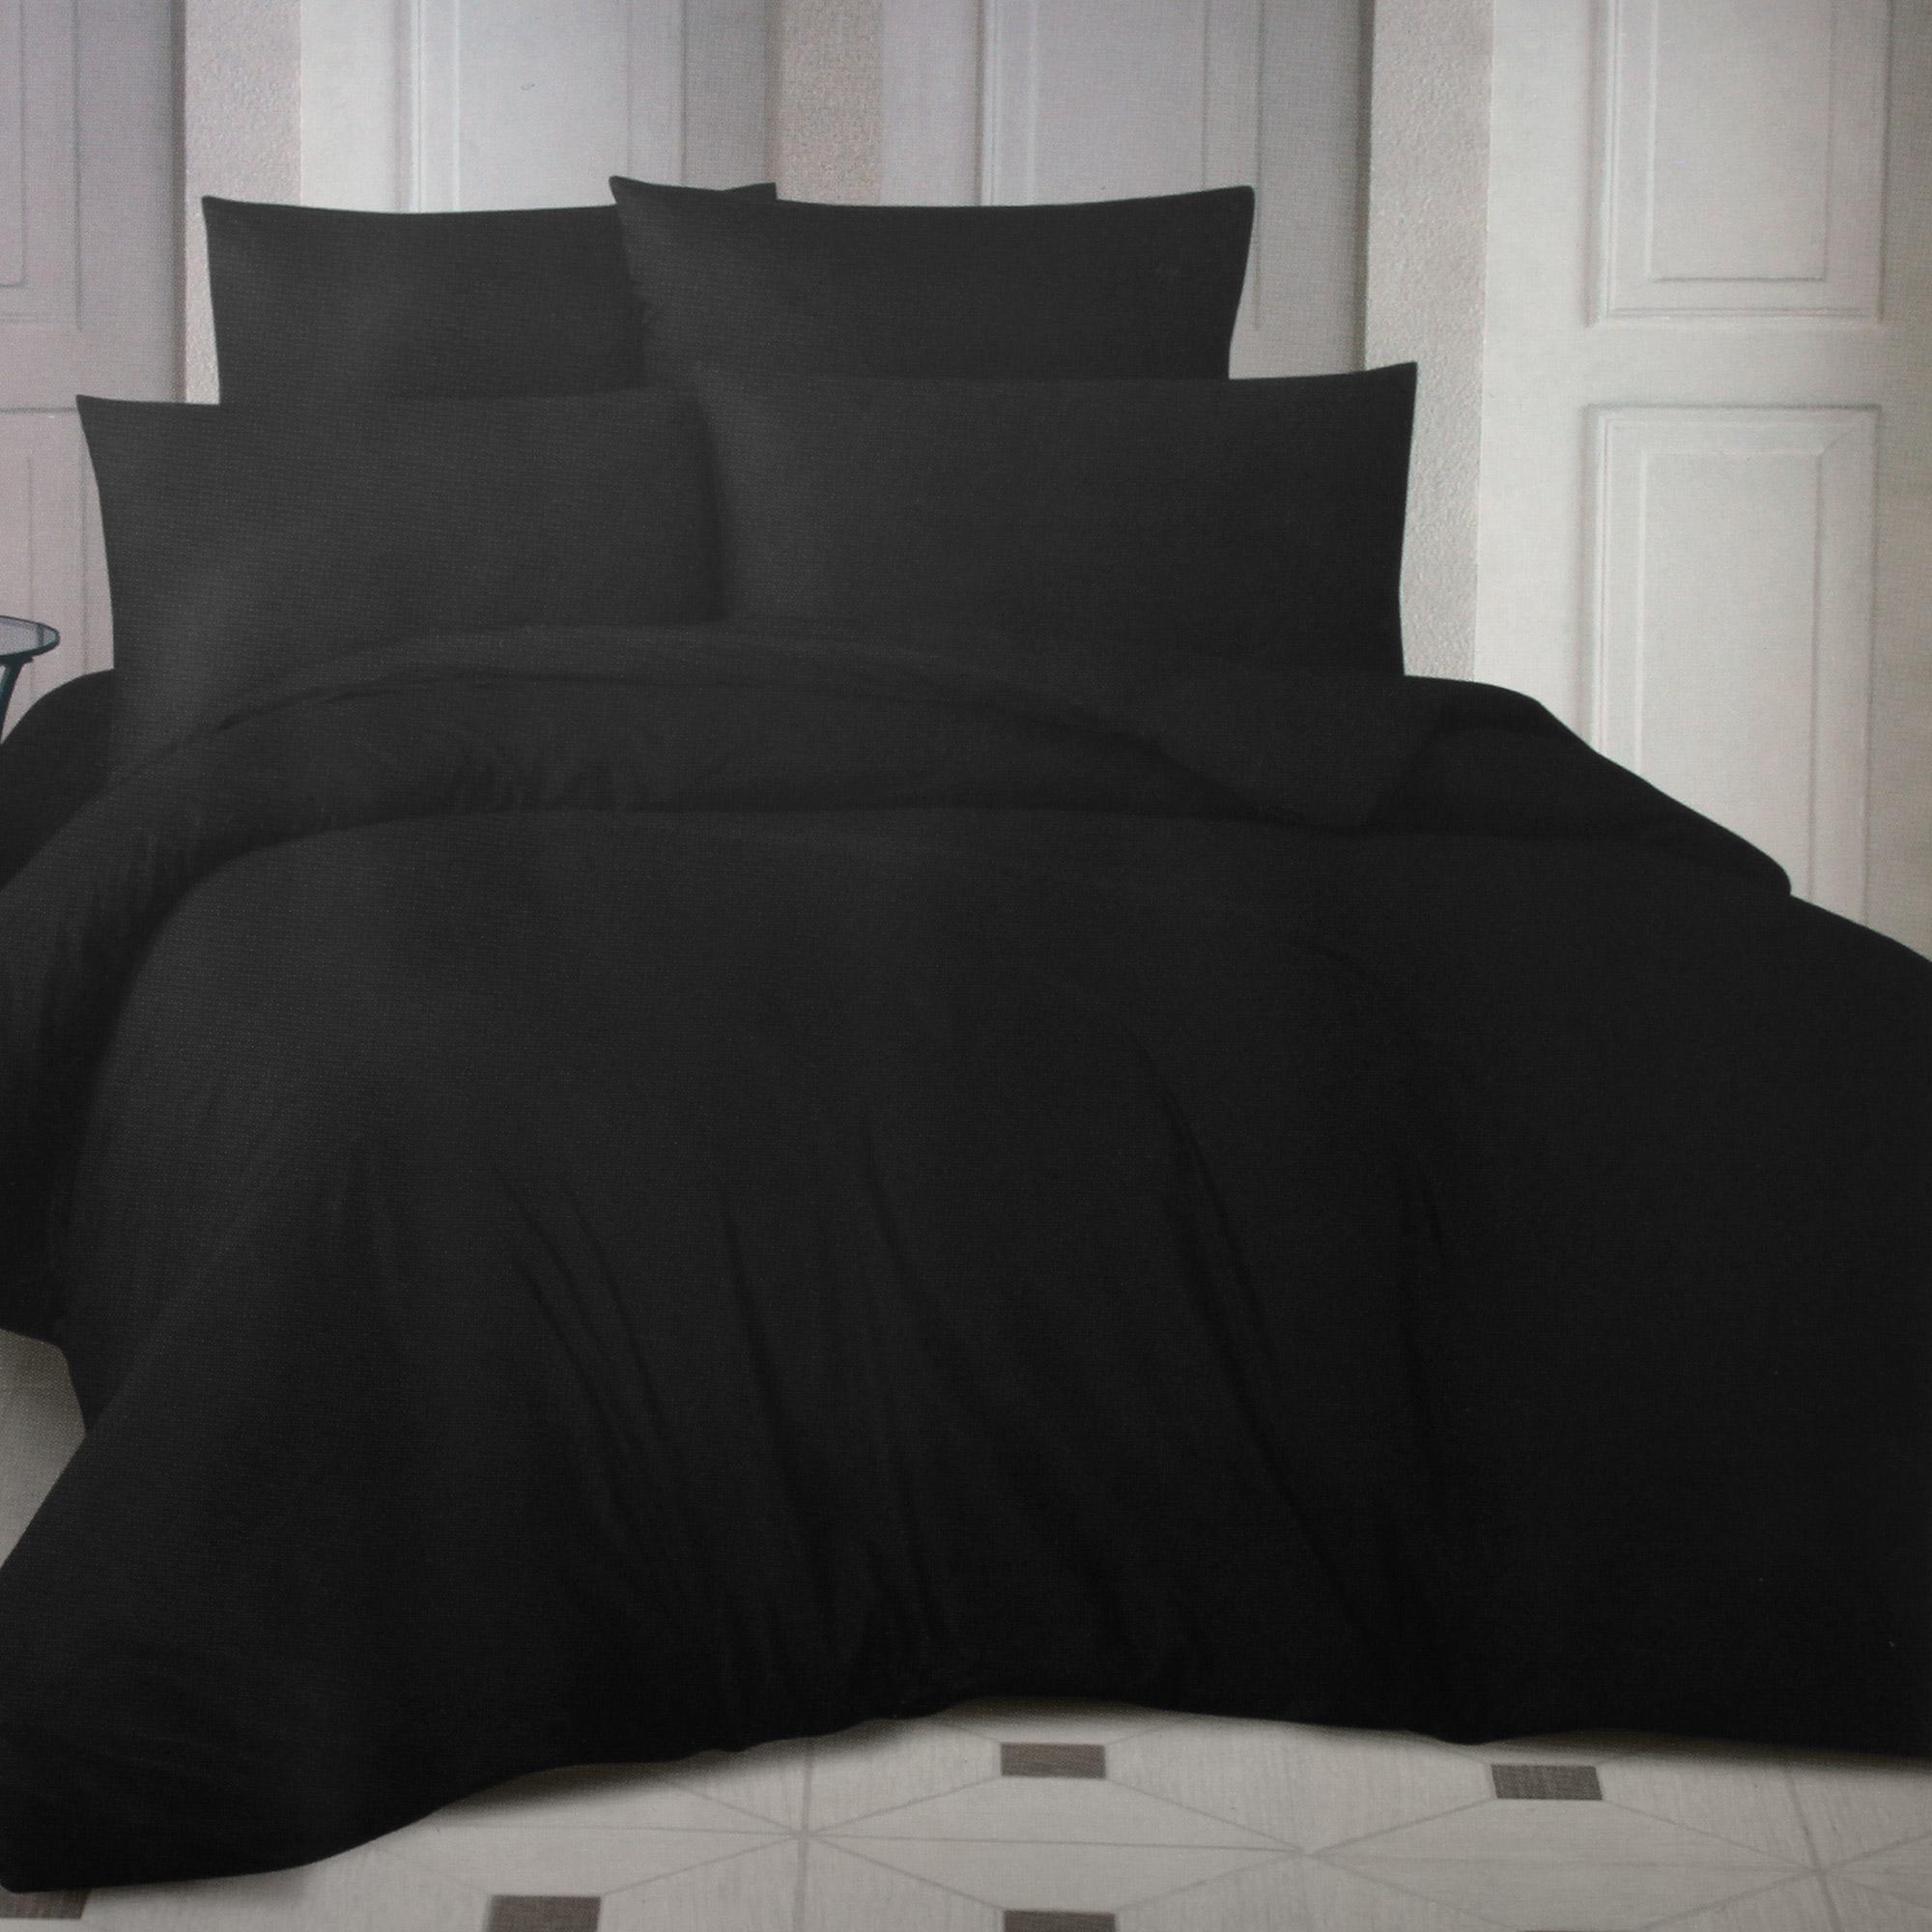 Фото - Комплект постельного белья La Besse Ранфорс чёрный Евро комплект постельного белья la besse ранфорс тёмно серый евро